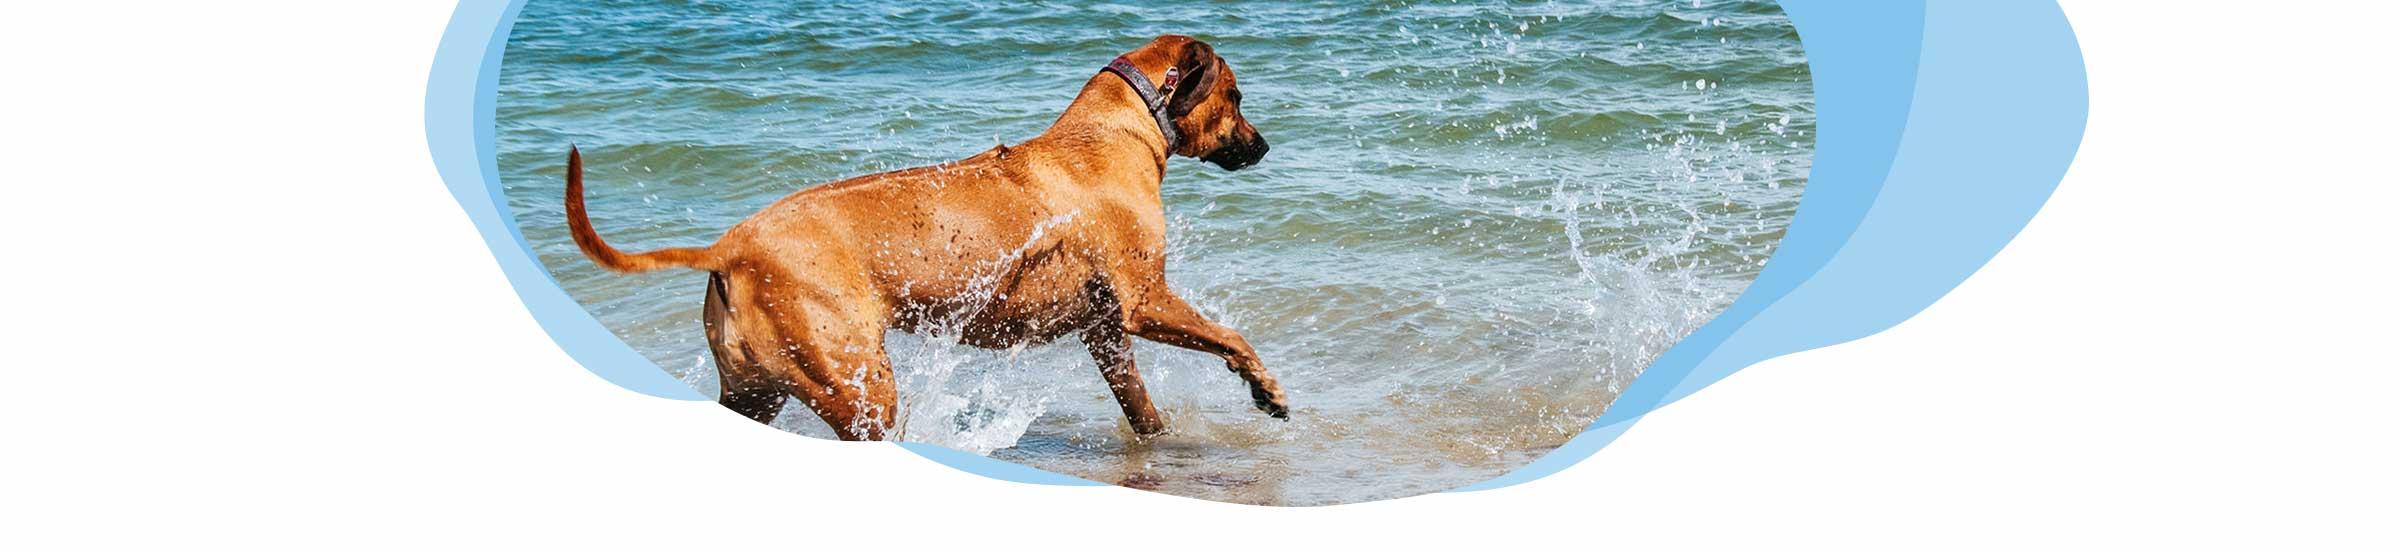 Nordsee mit Hund Header